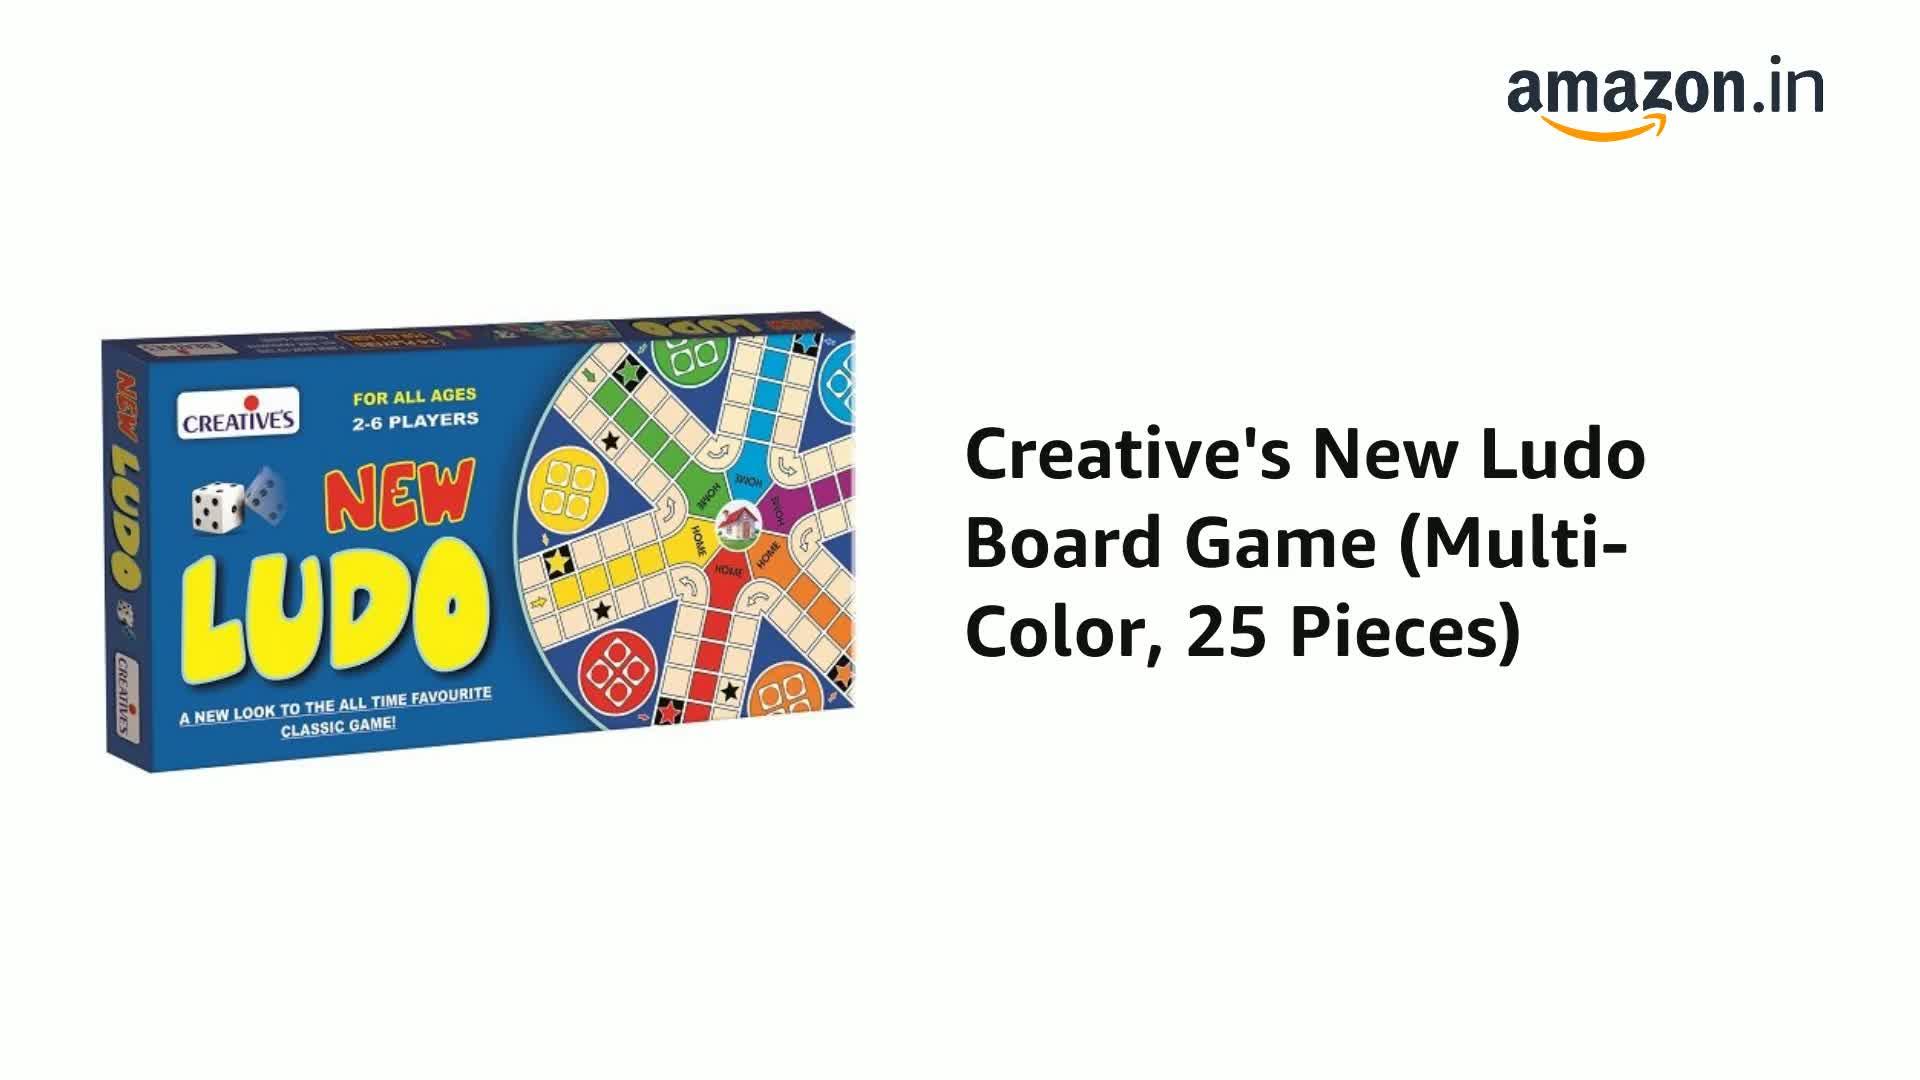 Multi-Color, 25 Pieces New Ludo Board Game